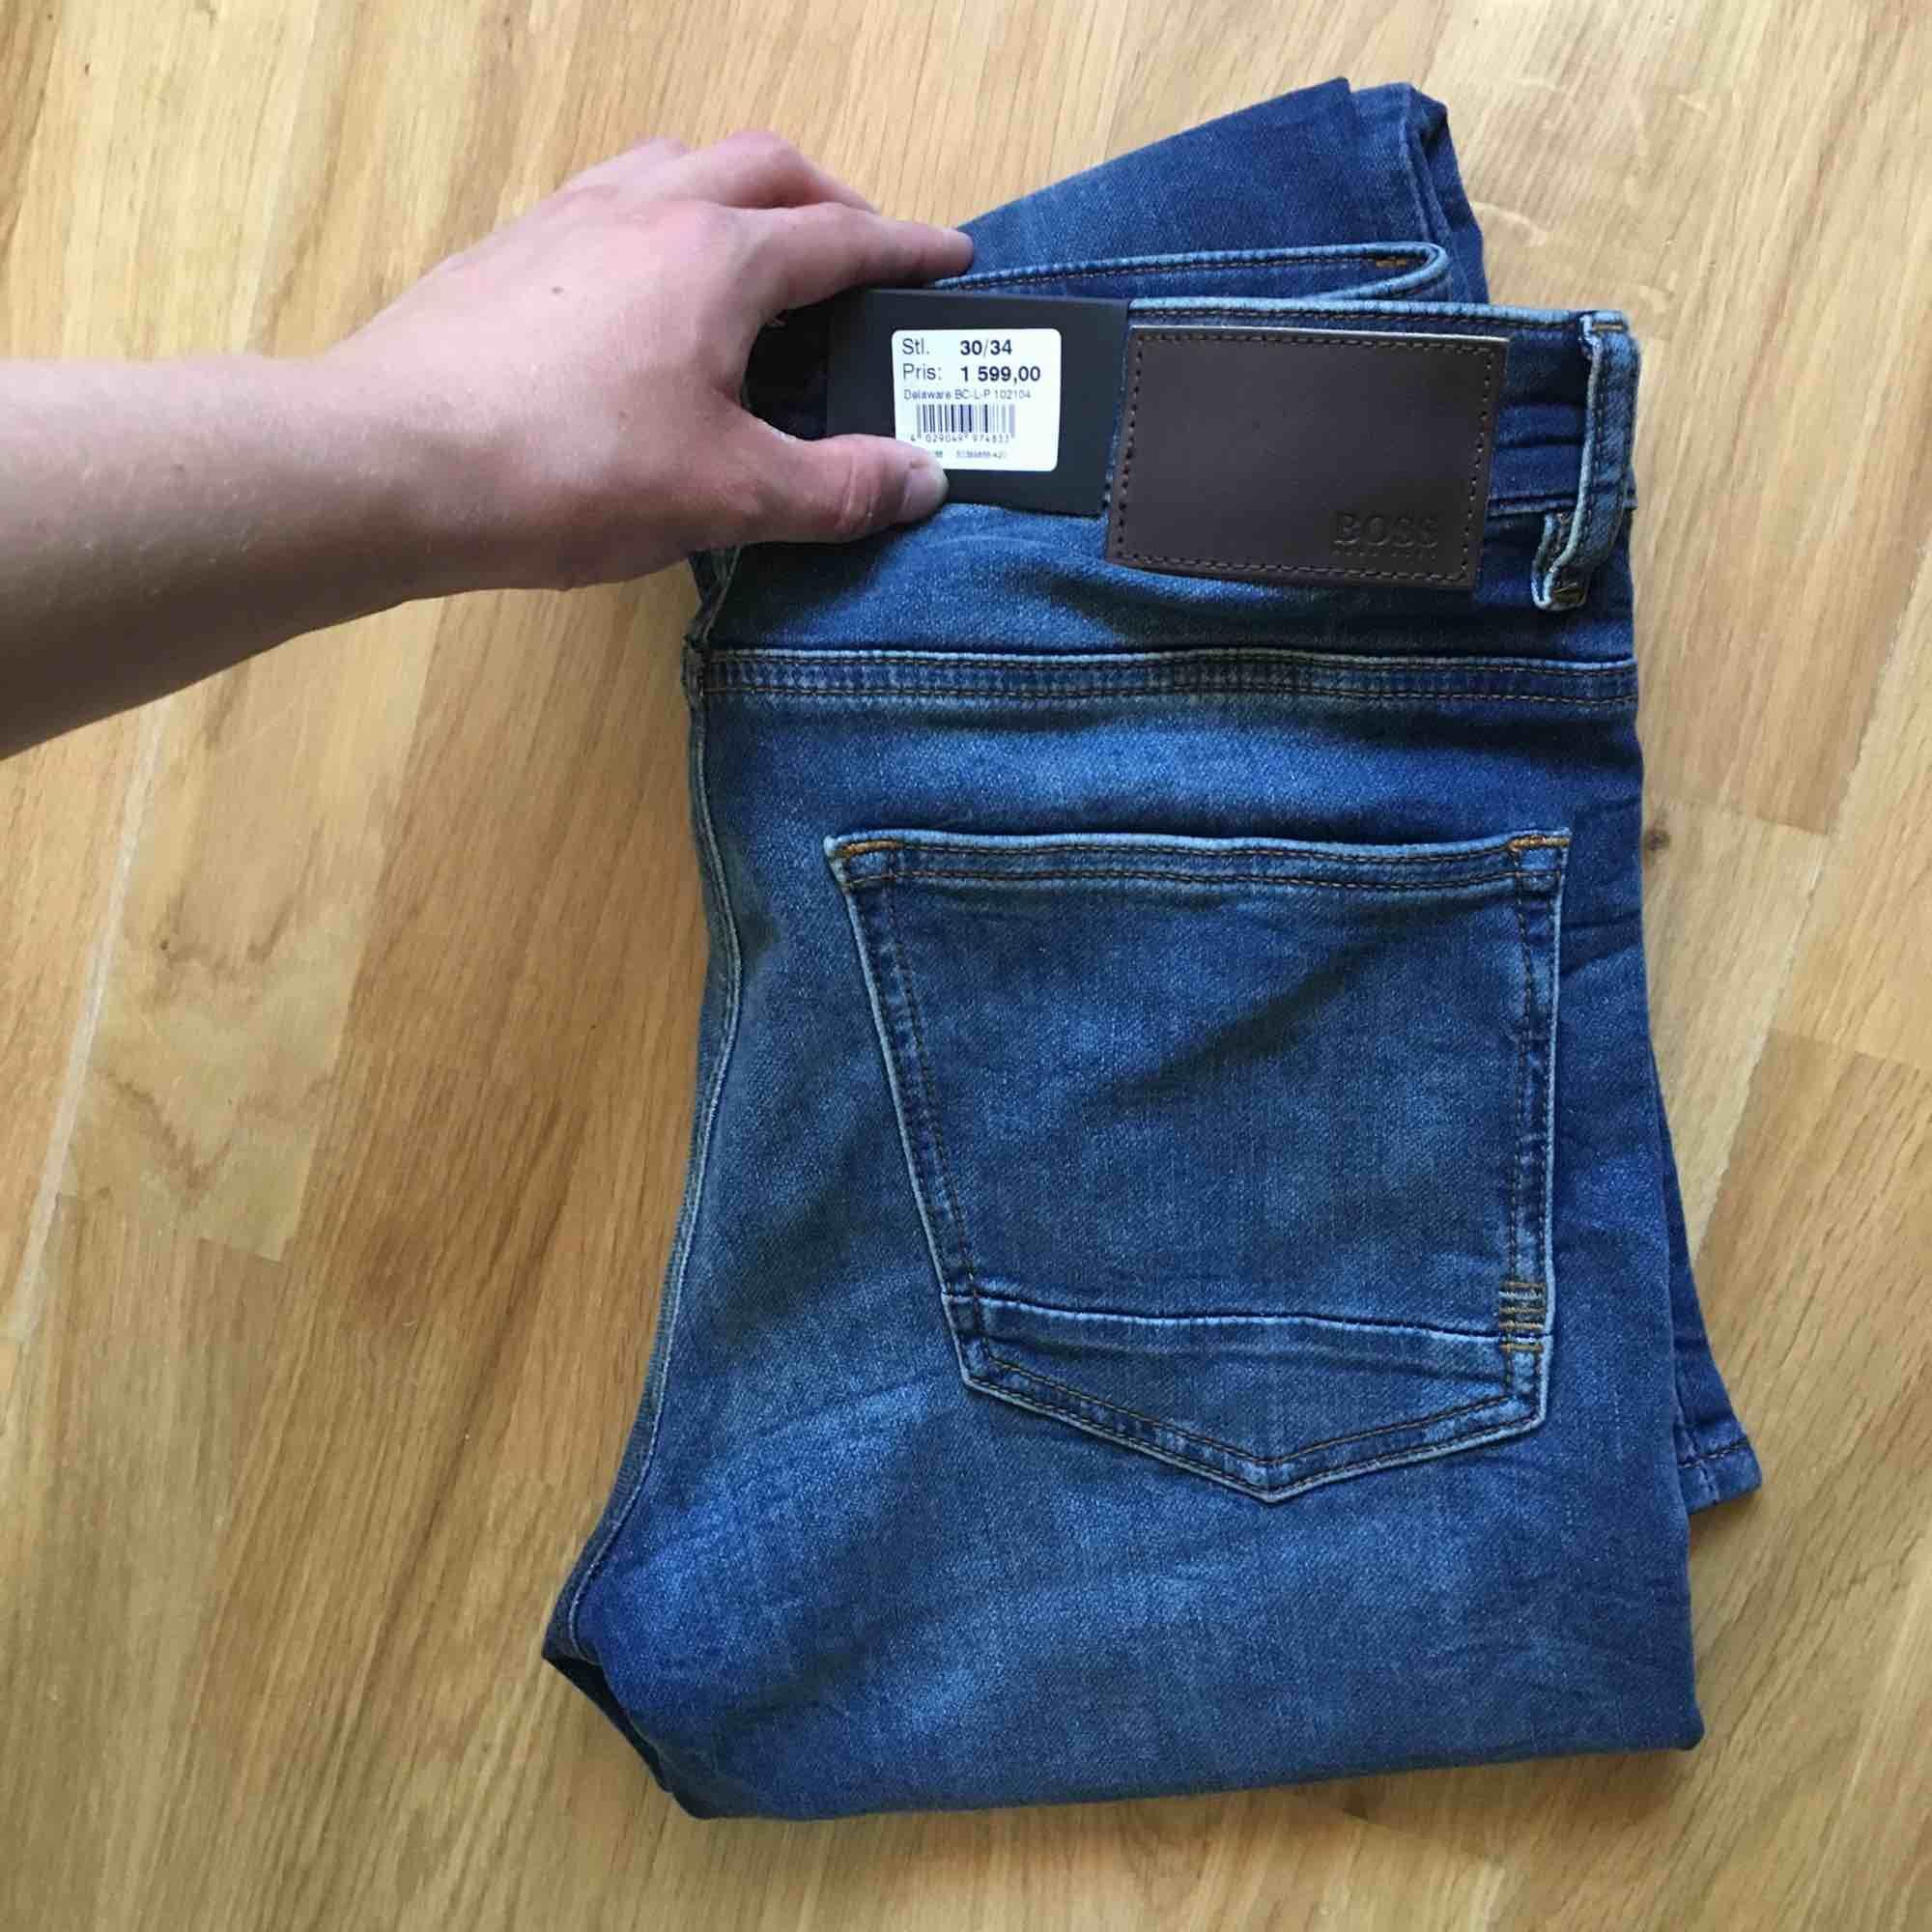 Helt nya Hugo boss jeans från nordiska kompaniet i Stocholm, nypris 1600, mitt pris 1000. 8-900 vid snabb affär. Storlek 30 x 34. Jeans & Byxor.